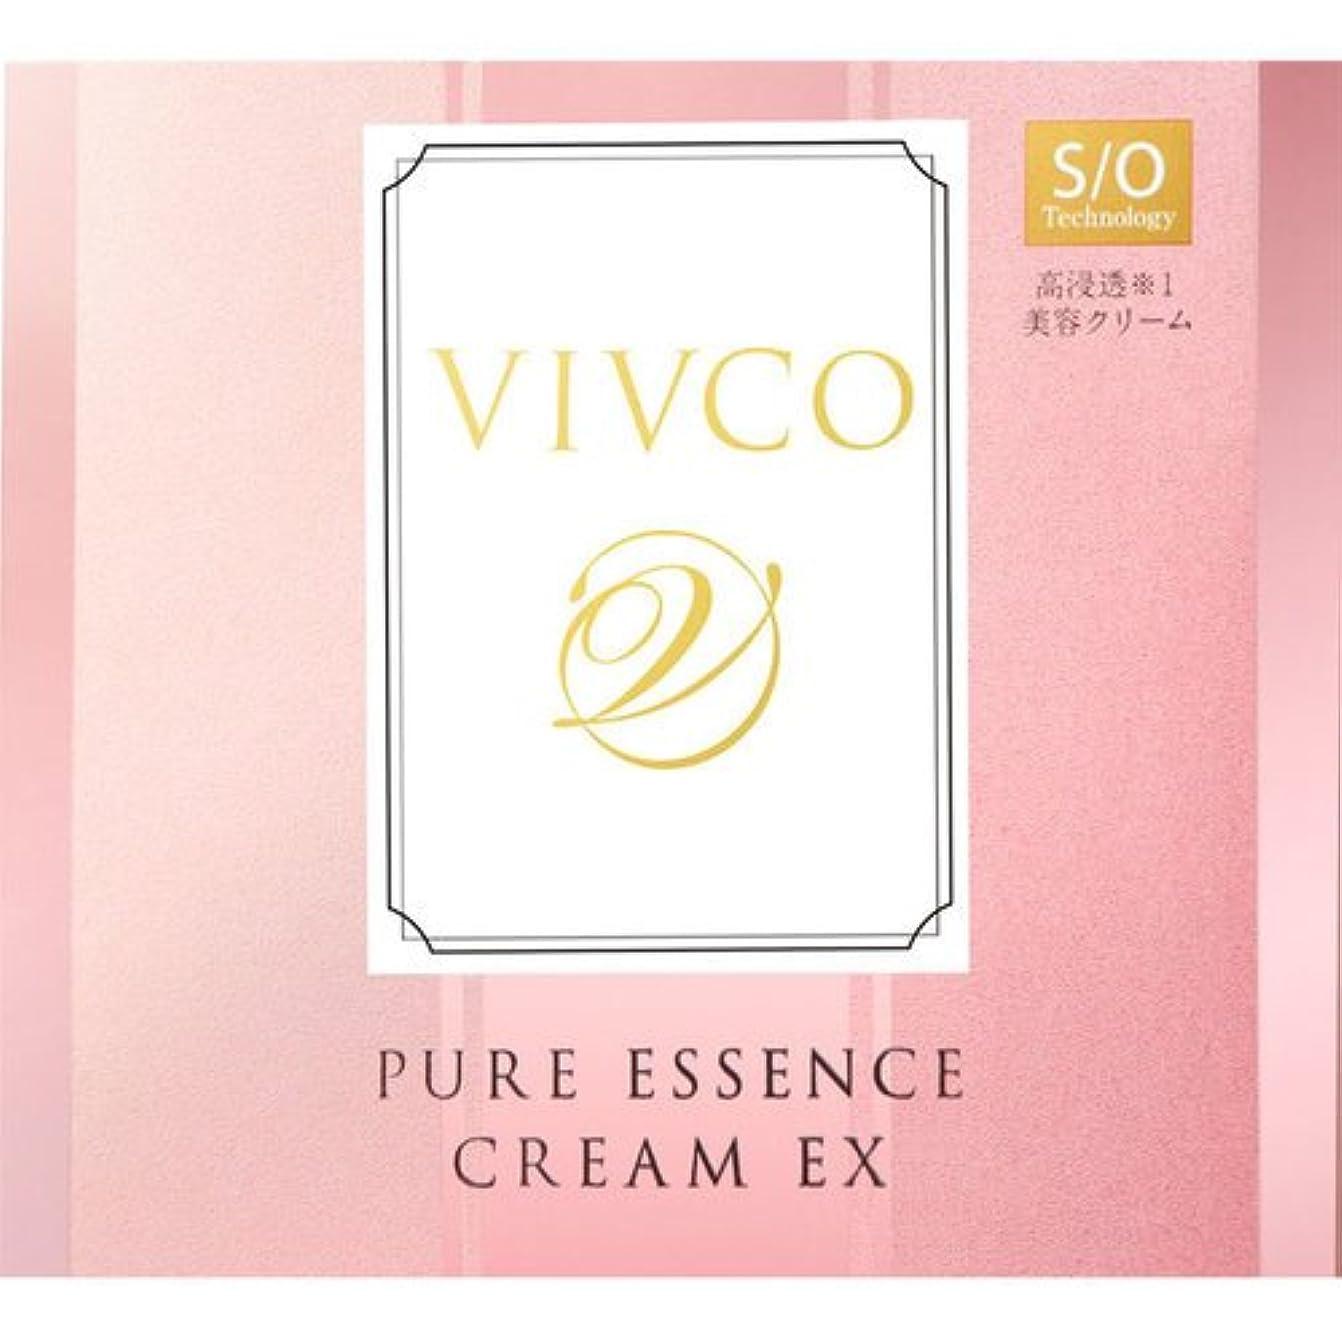 突進化学者病院VIVCO(ヴィヴコ) ピュアエッセンス クリームEX 60g